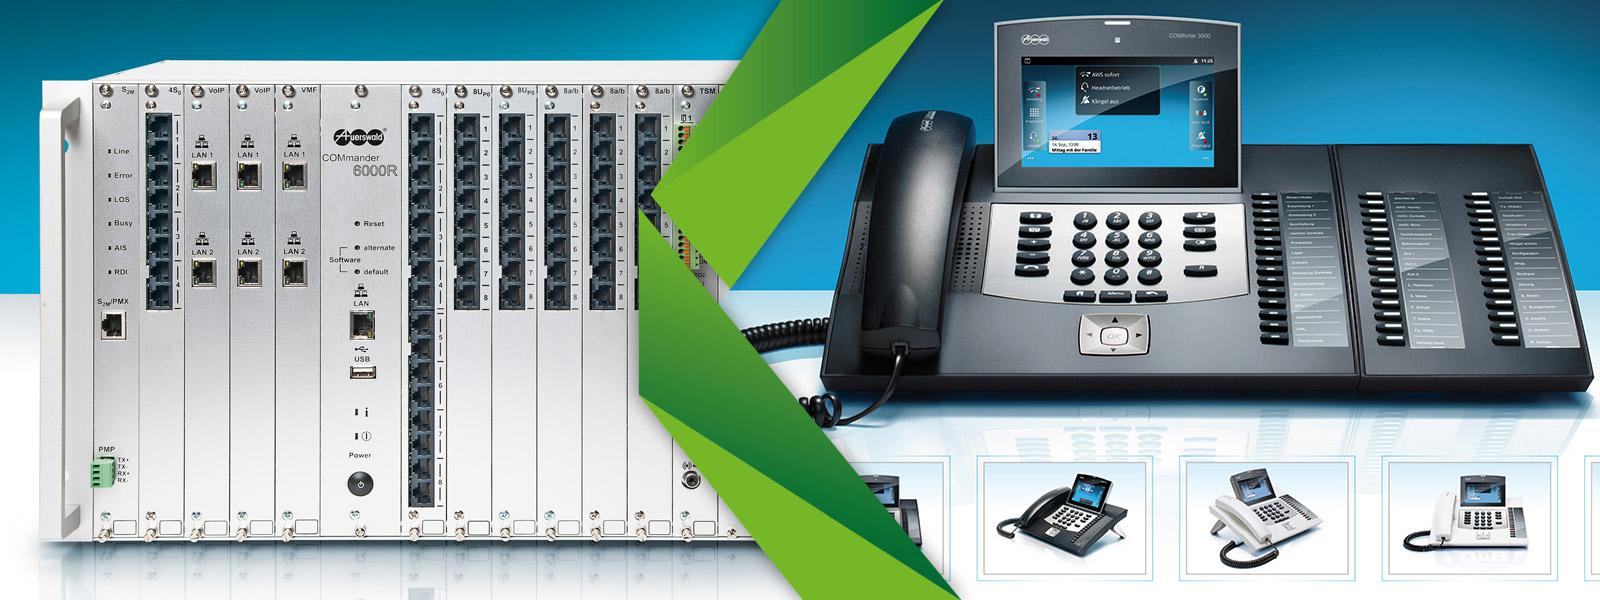 Karp GmbH Telekommunikation